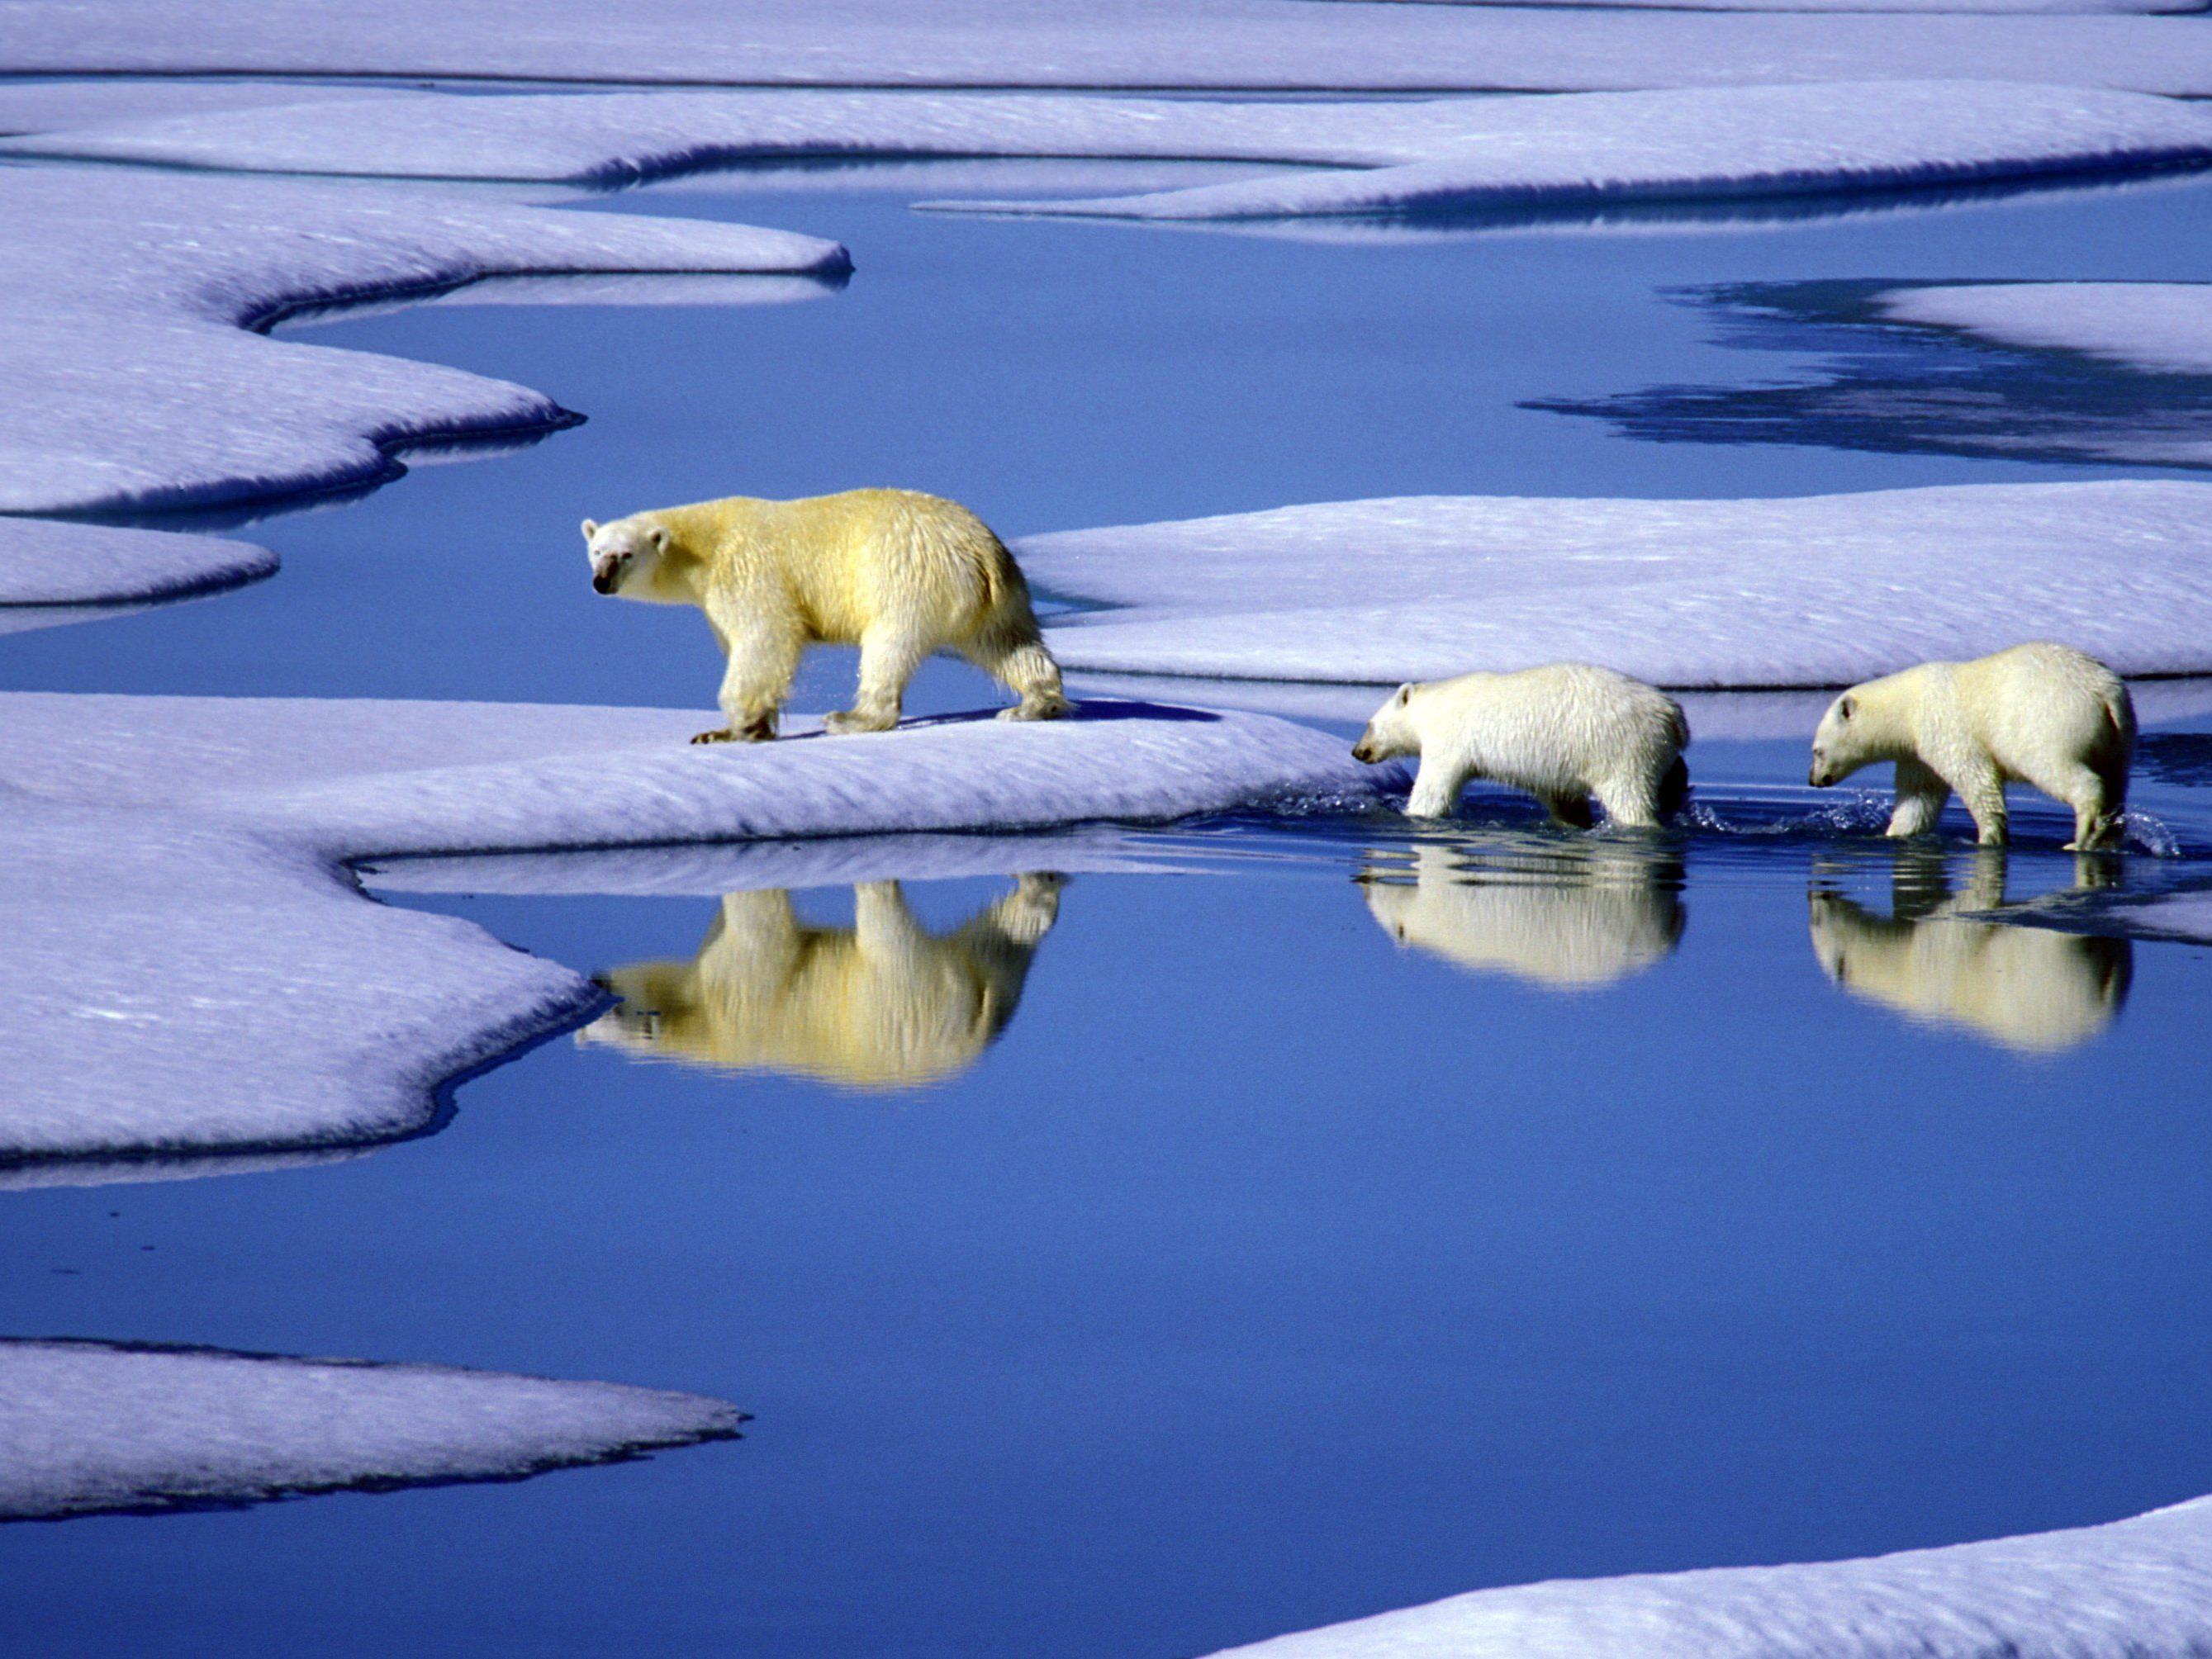 Schmelzendes Eis in Kanada: Tierarten mit großem Wanderradius wie Eisbären sind vom Klimawandel besonders bedroht.